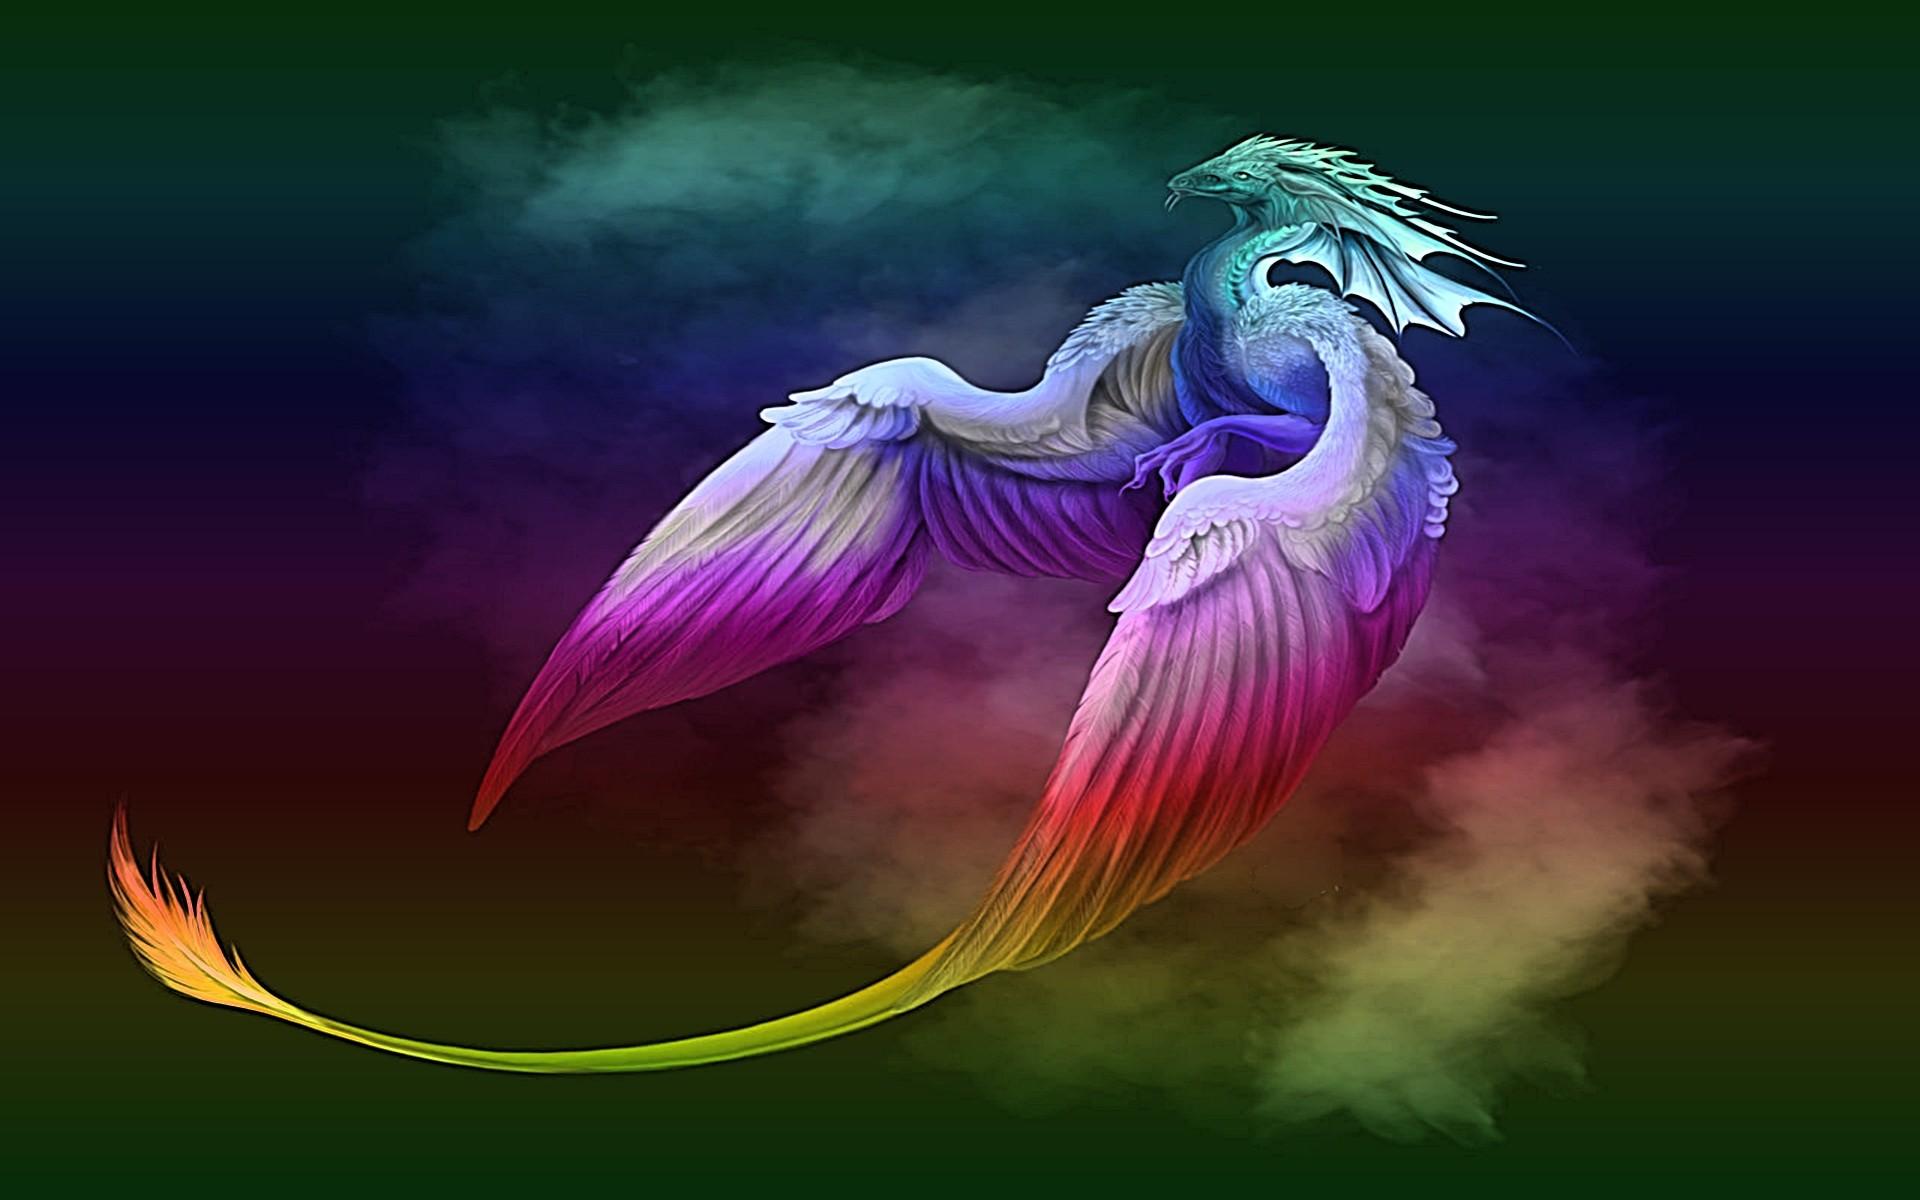 Fantasy Coole Drachen Bilder - Test Blog